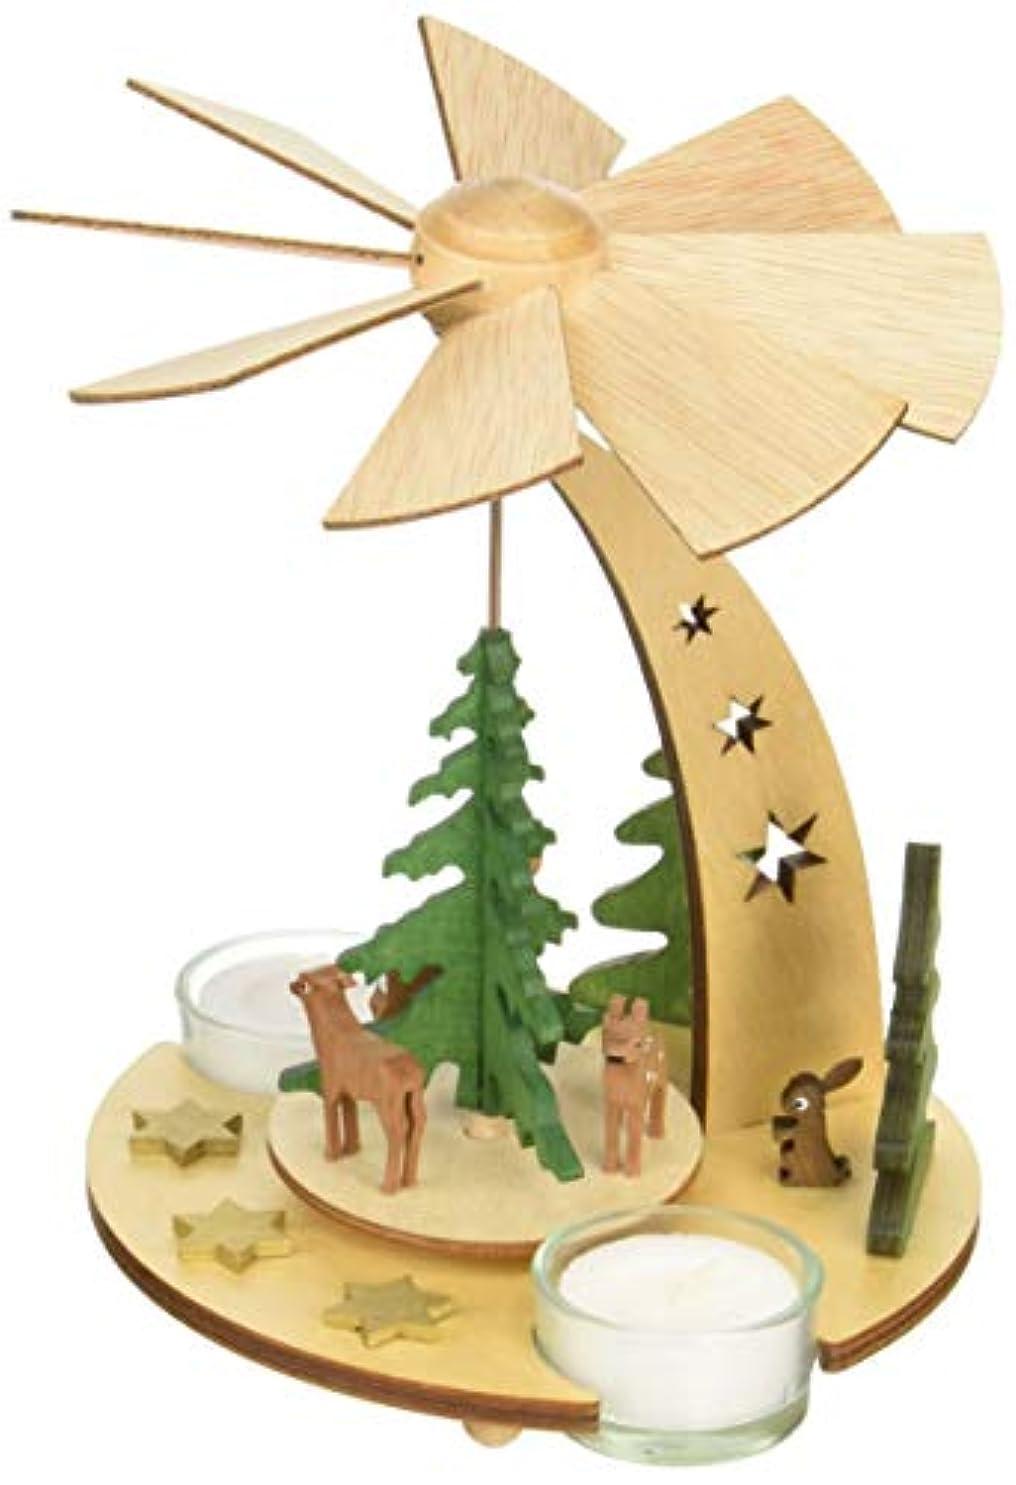 予防接種する上がる独裁者kuhnert クリスマスピラミッド 森の動物